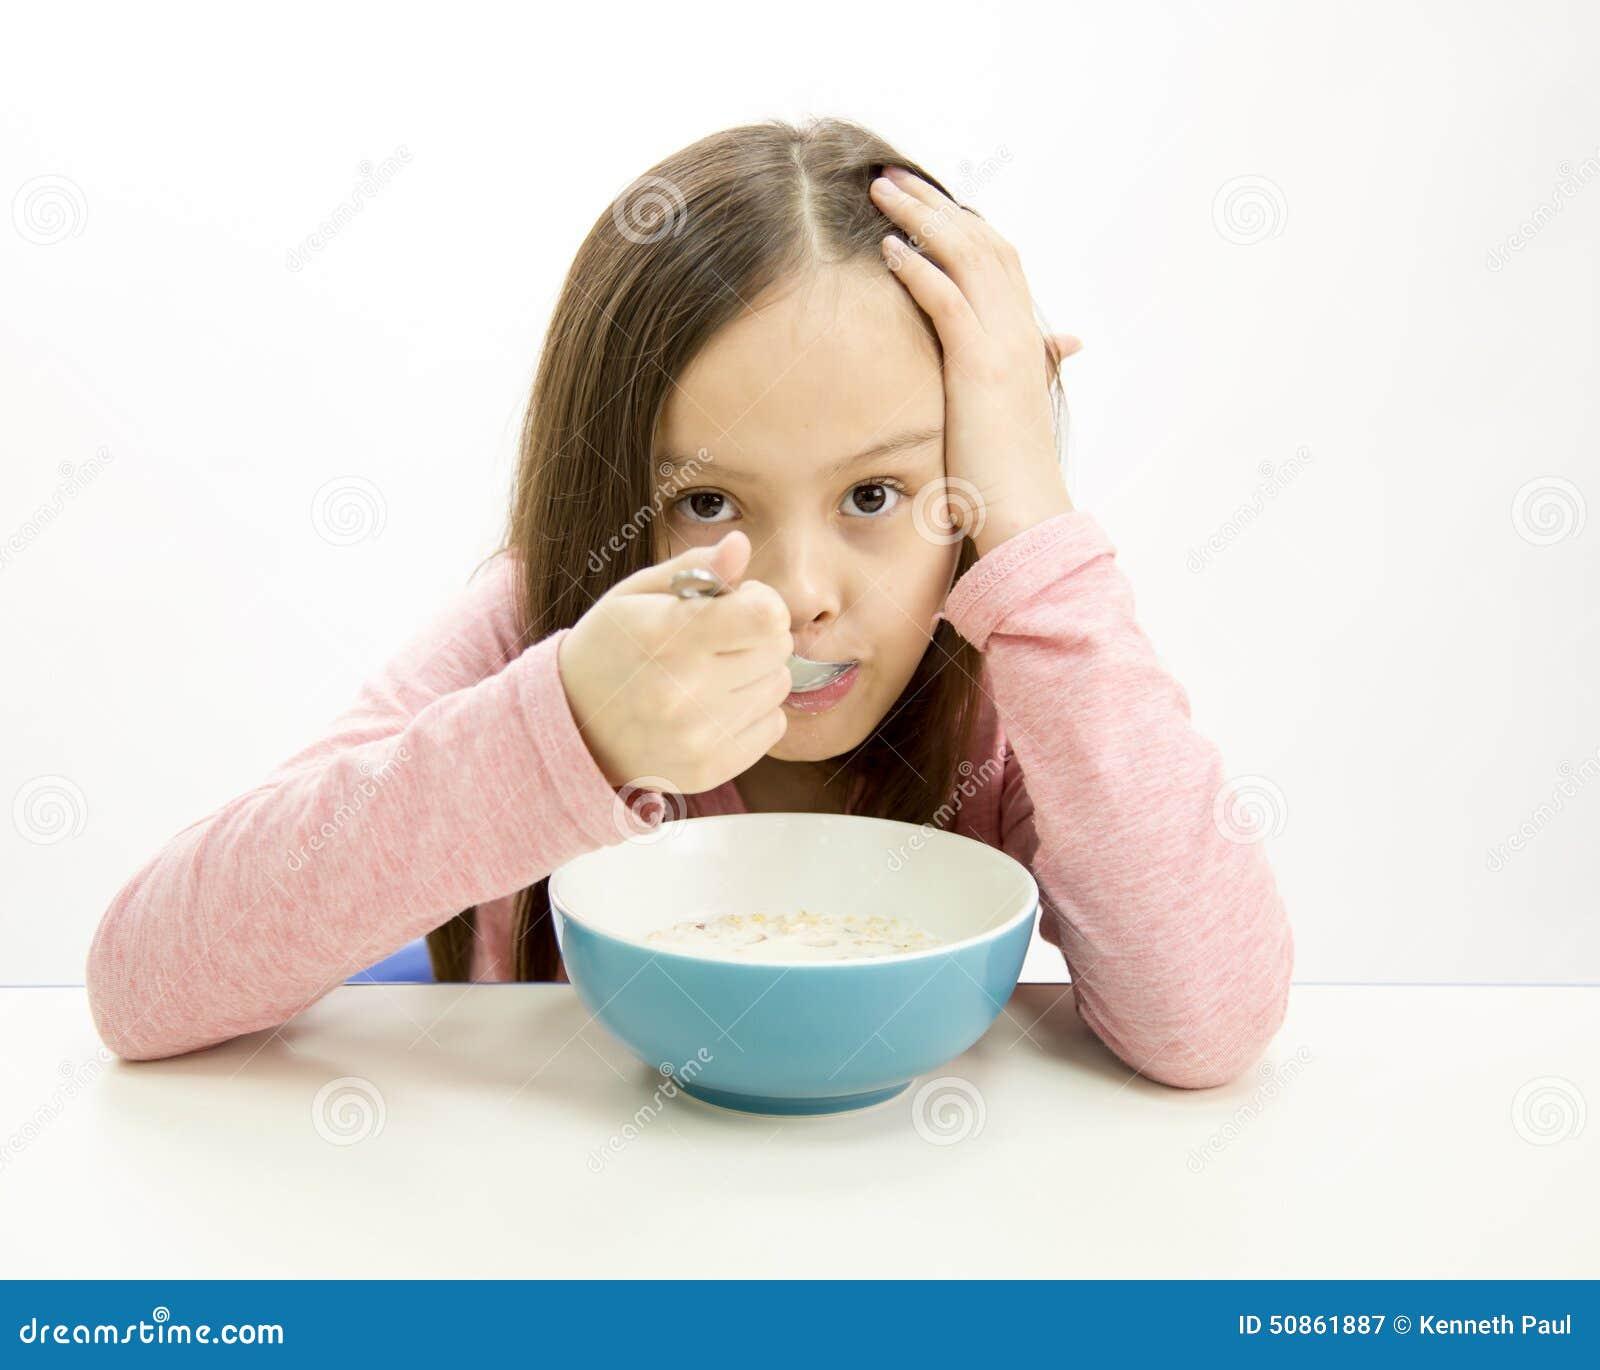 小孩吃�9���Y_儿童 孩子 小孩 1300_1130